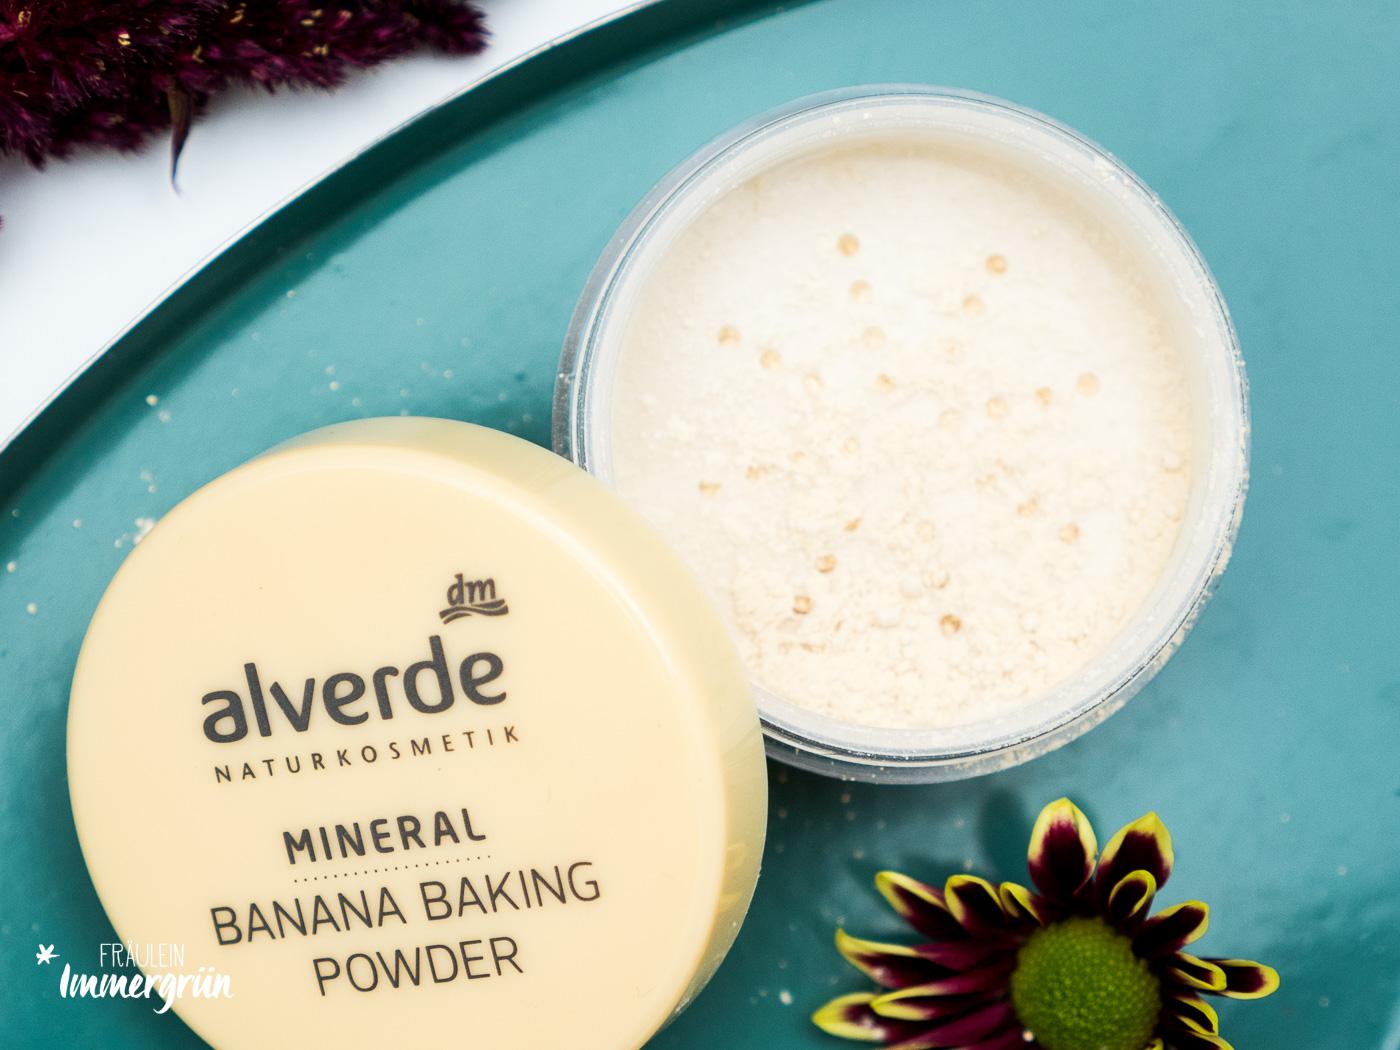 DM Alverde Neuigkeiten Herbst 2018 - vegane Naturkosmetik aus der Drogerie Mineral Banana Makeup Powder